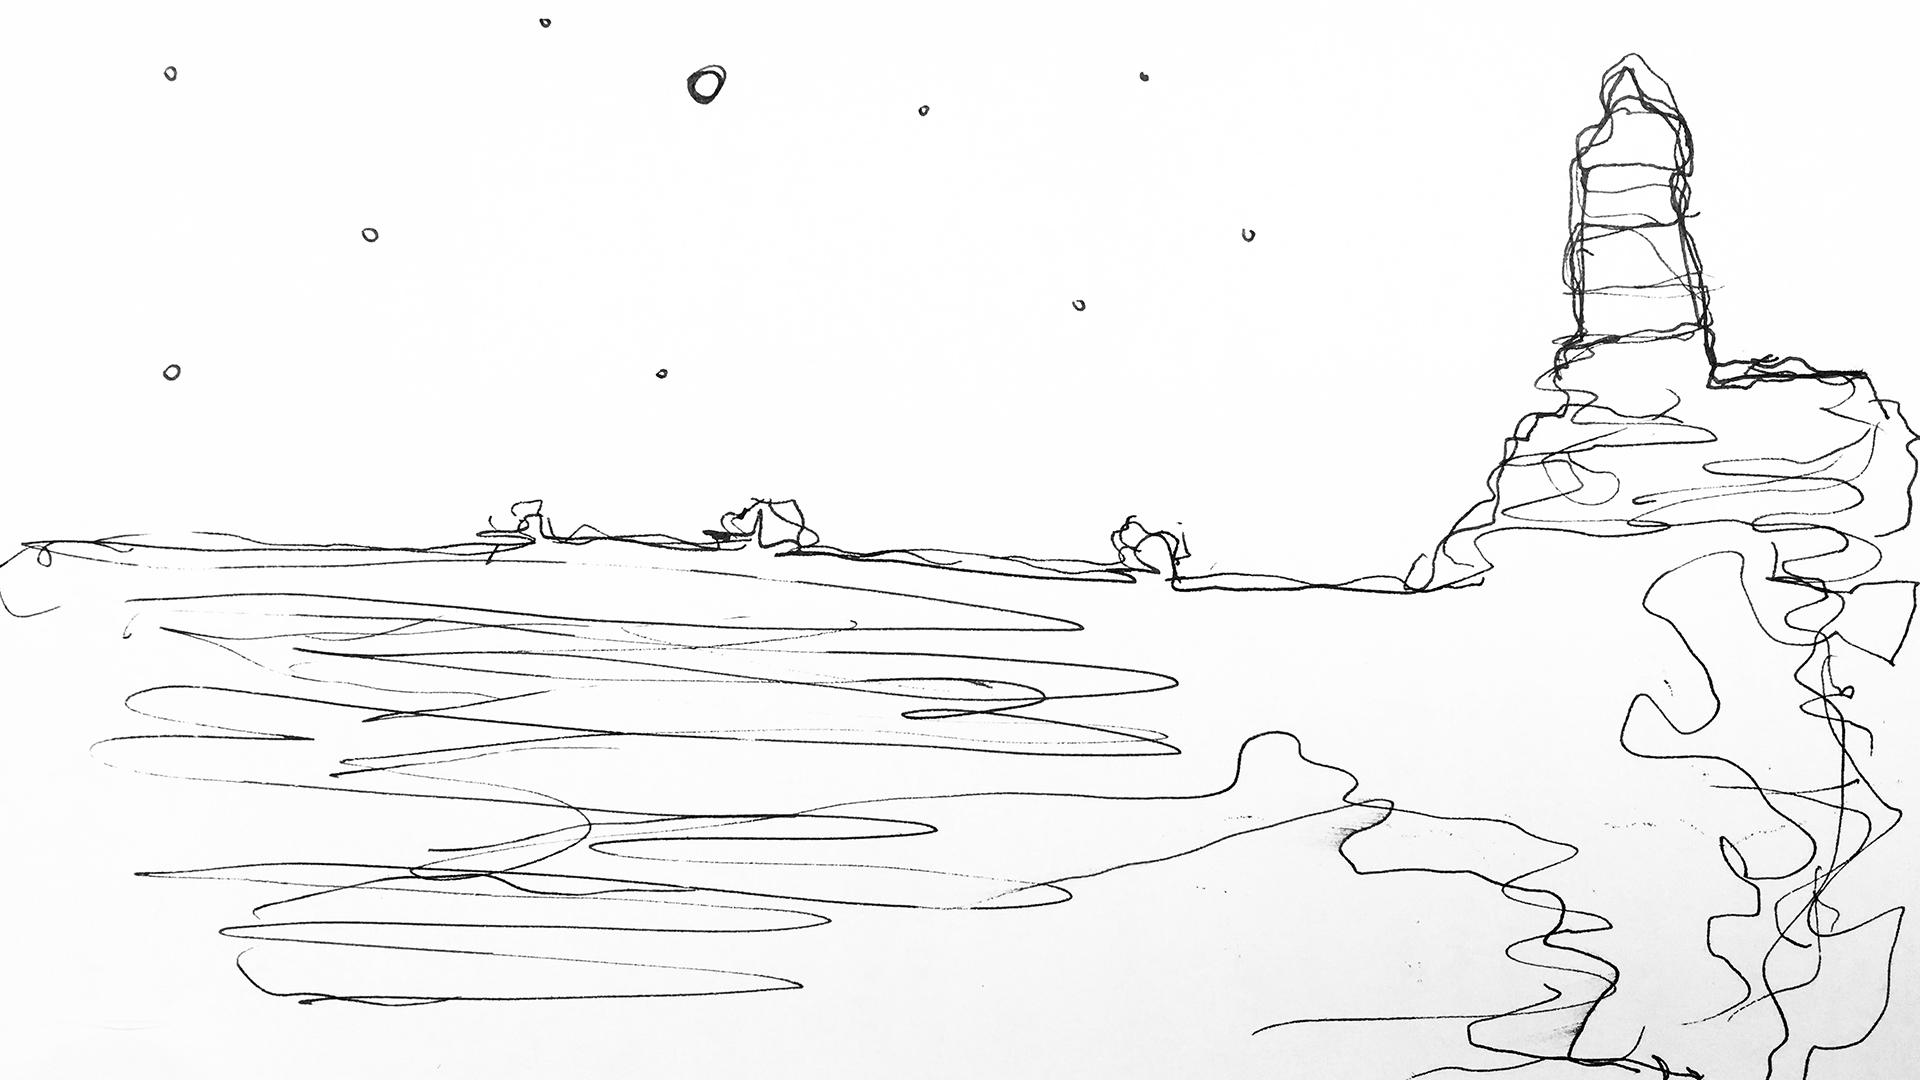 Nunca hubiera - Sea sketch